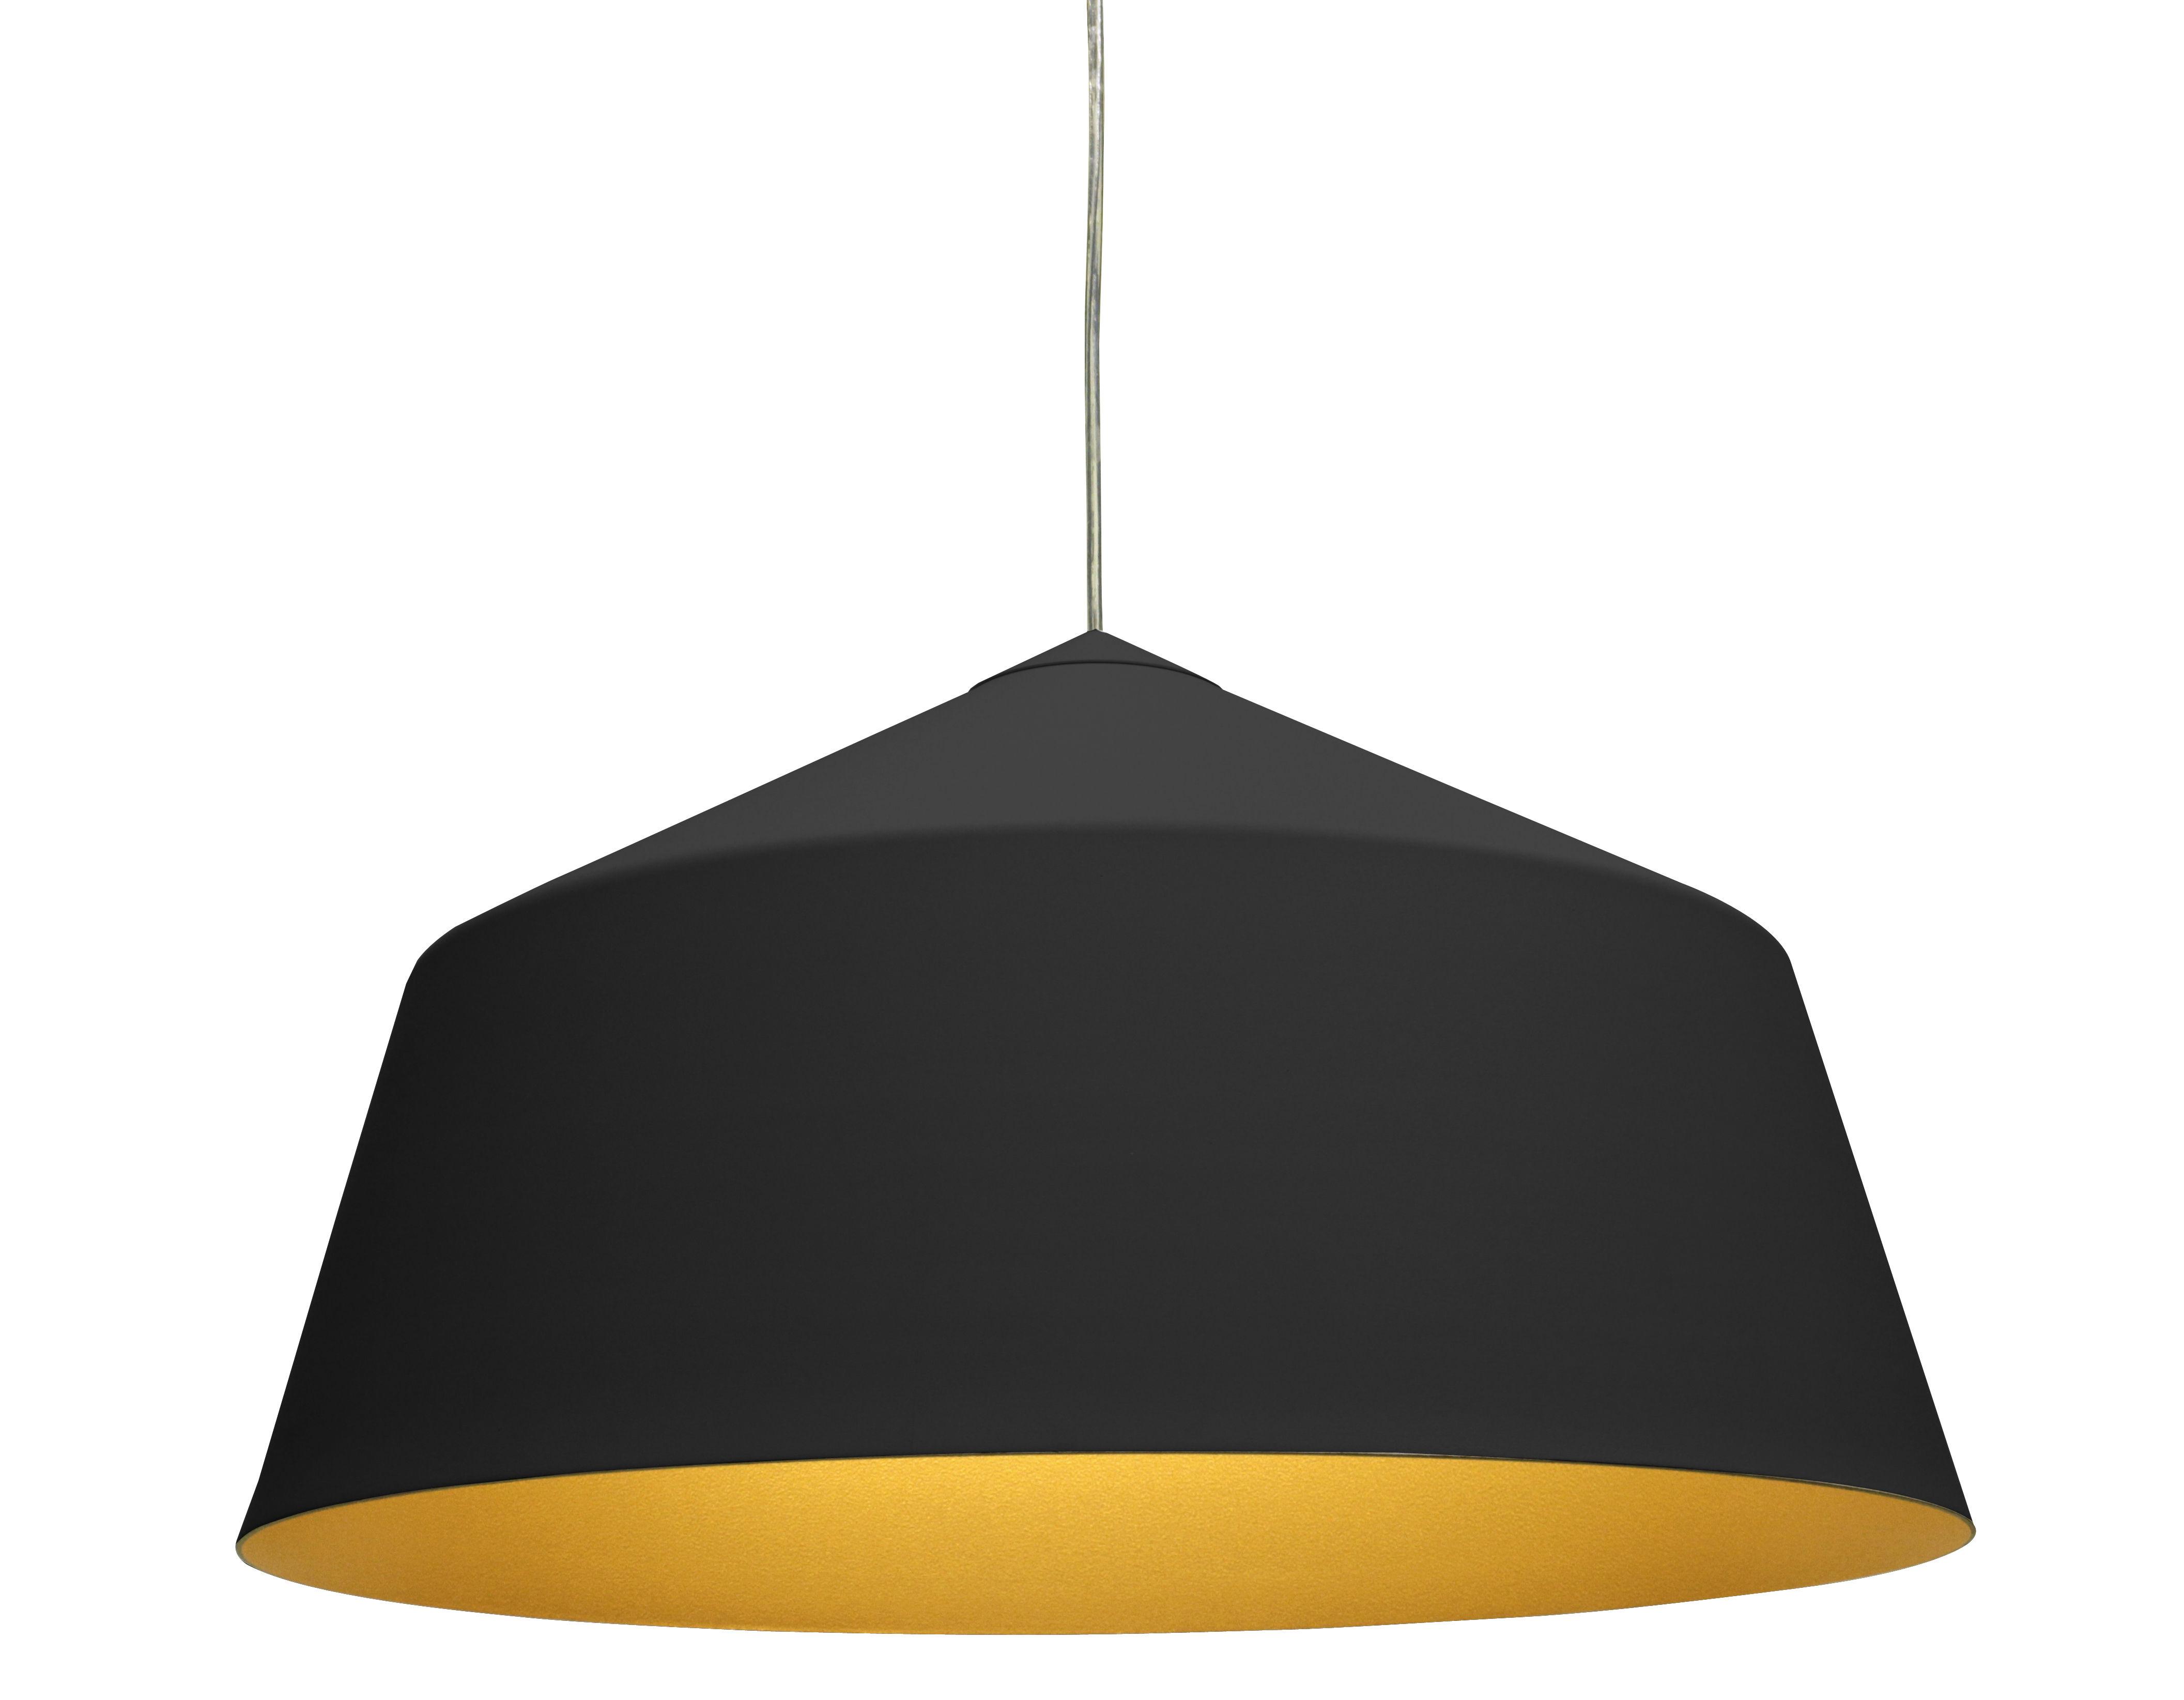 Illuminazione - Lampadari - Sospensione Circus Large - Ø 56 x H 31 cm di Innermost - Nero opaco / Interno dorato - Alluminio